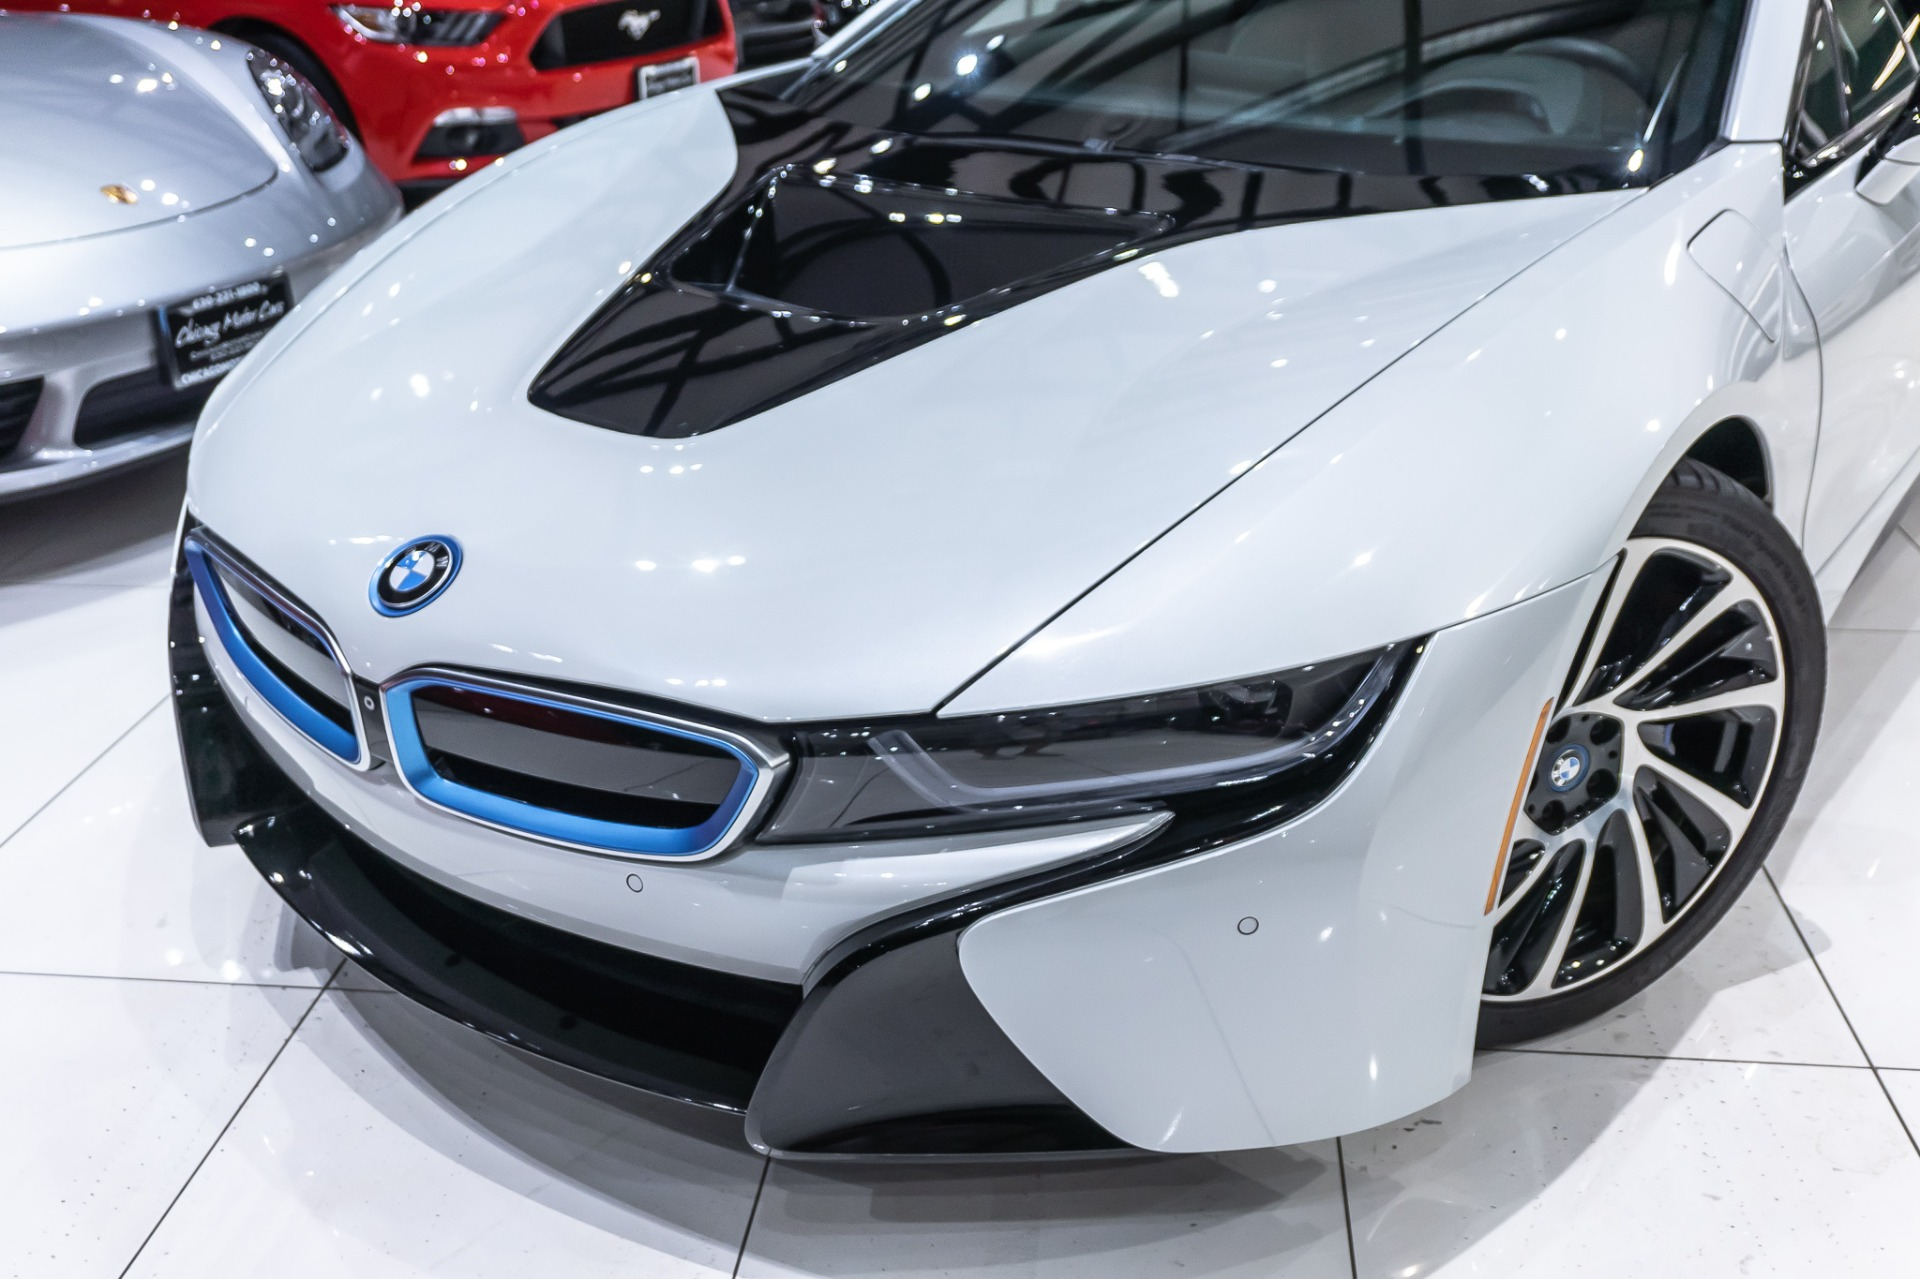 Used 2014 BMW i8 Pure Impulse World $149k+MSRP! Gorgeous ...